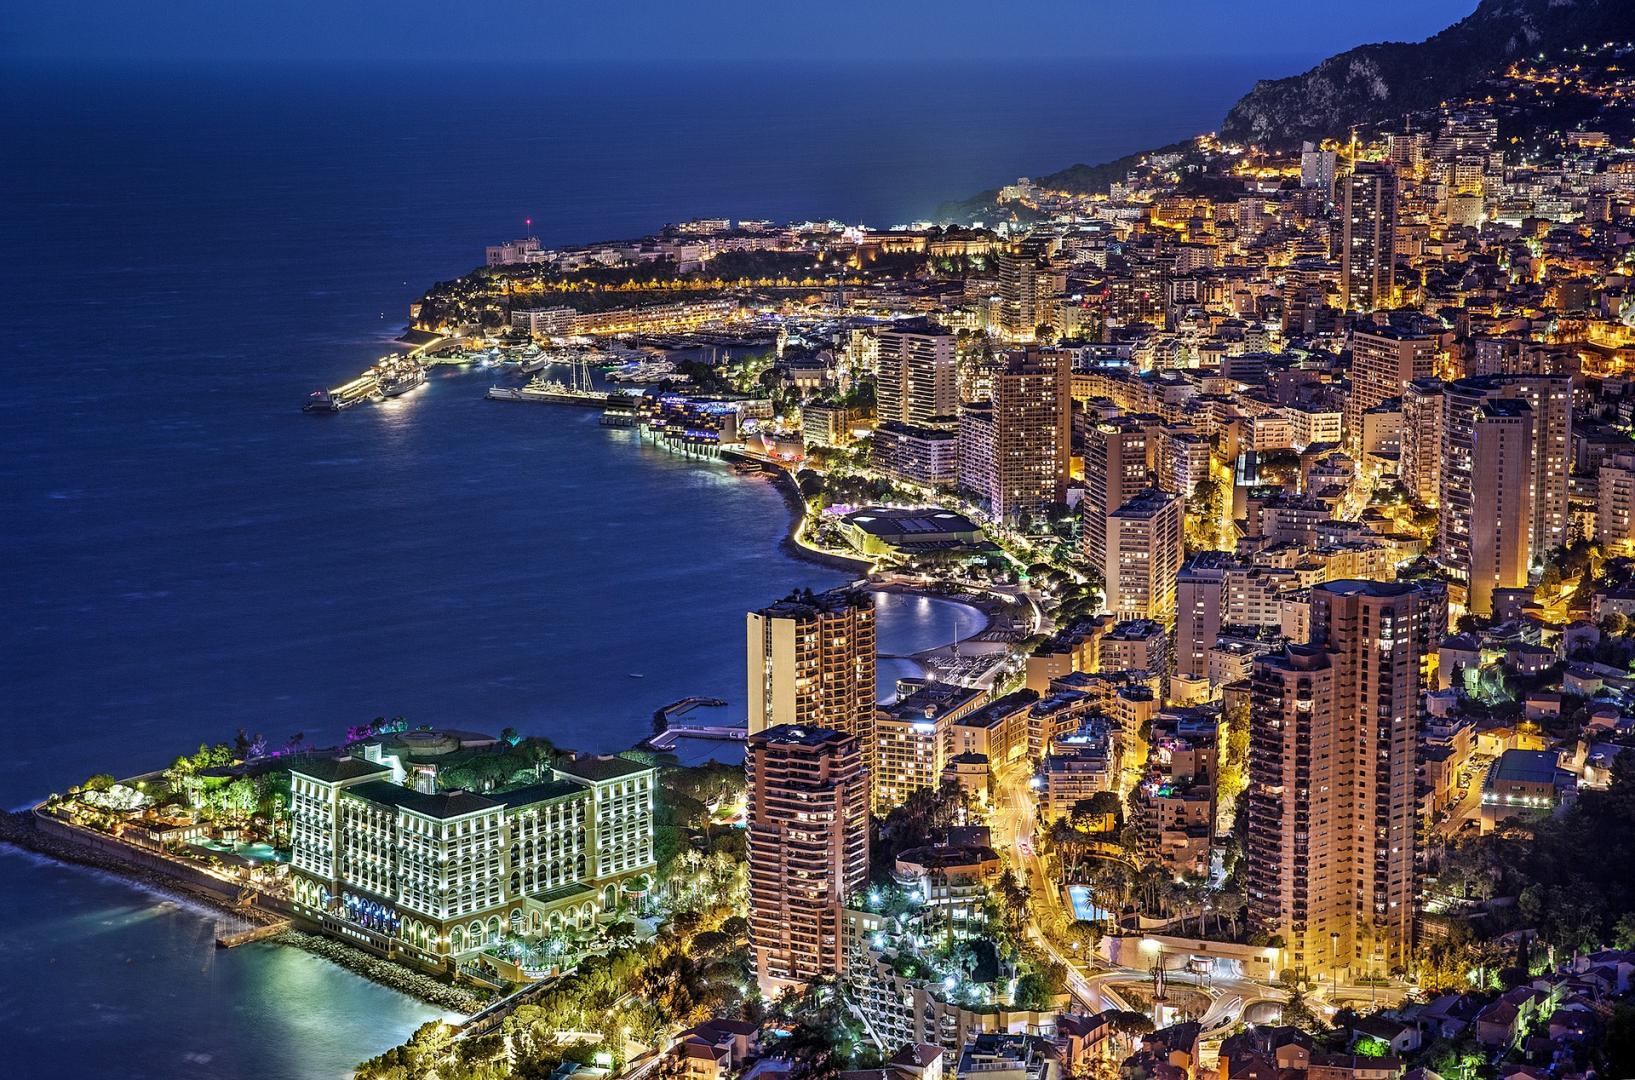 Blick auf Monaco bei Nacht